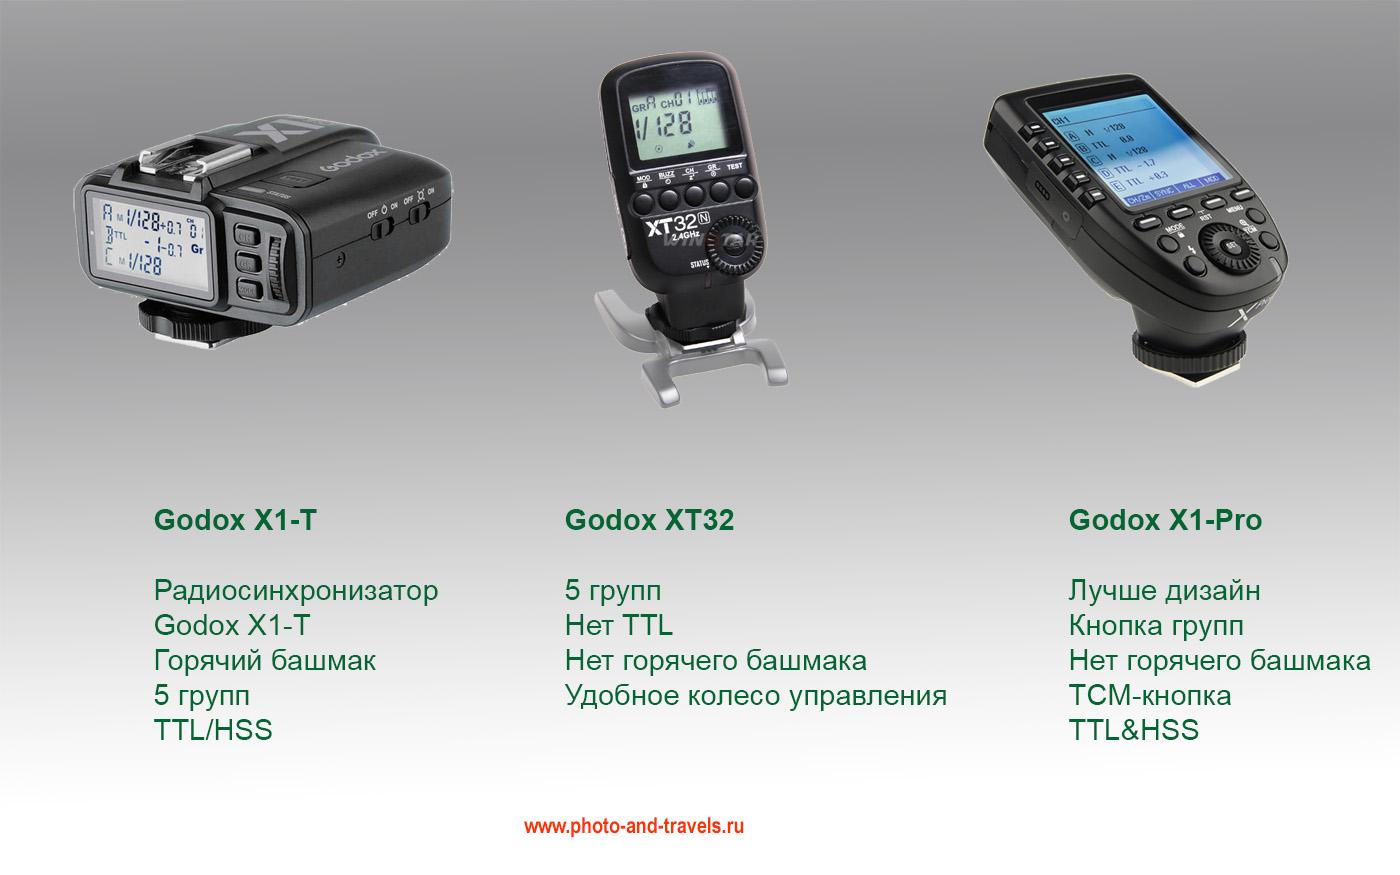 14. Триггеры Godox X1-T, Godox XT32 и Godox XPro. В чем отличие между моделями.